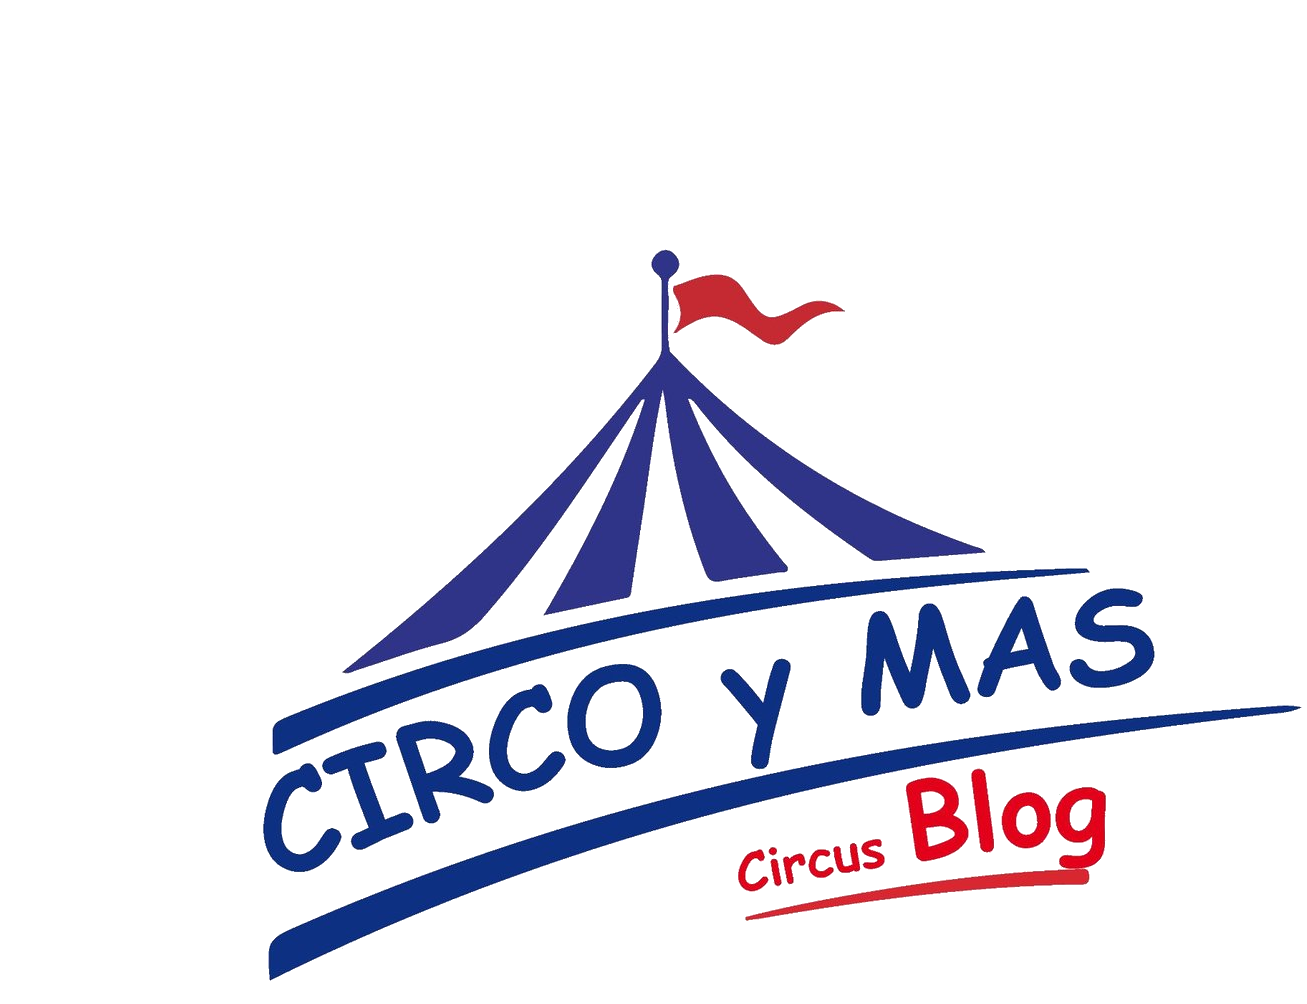 CIRCO y MAS 2020